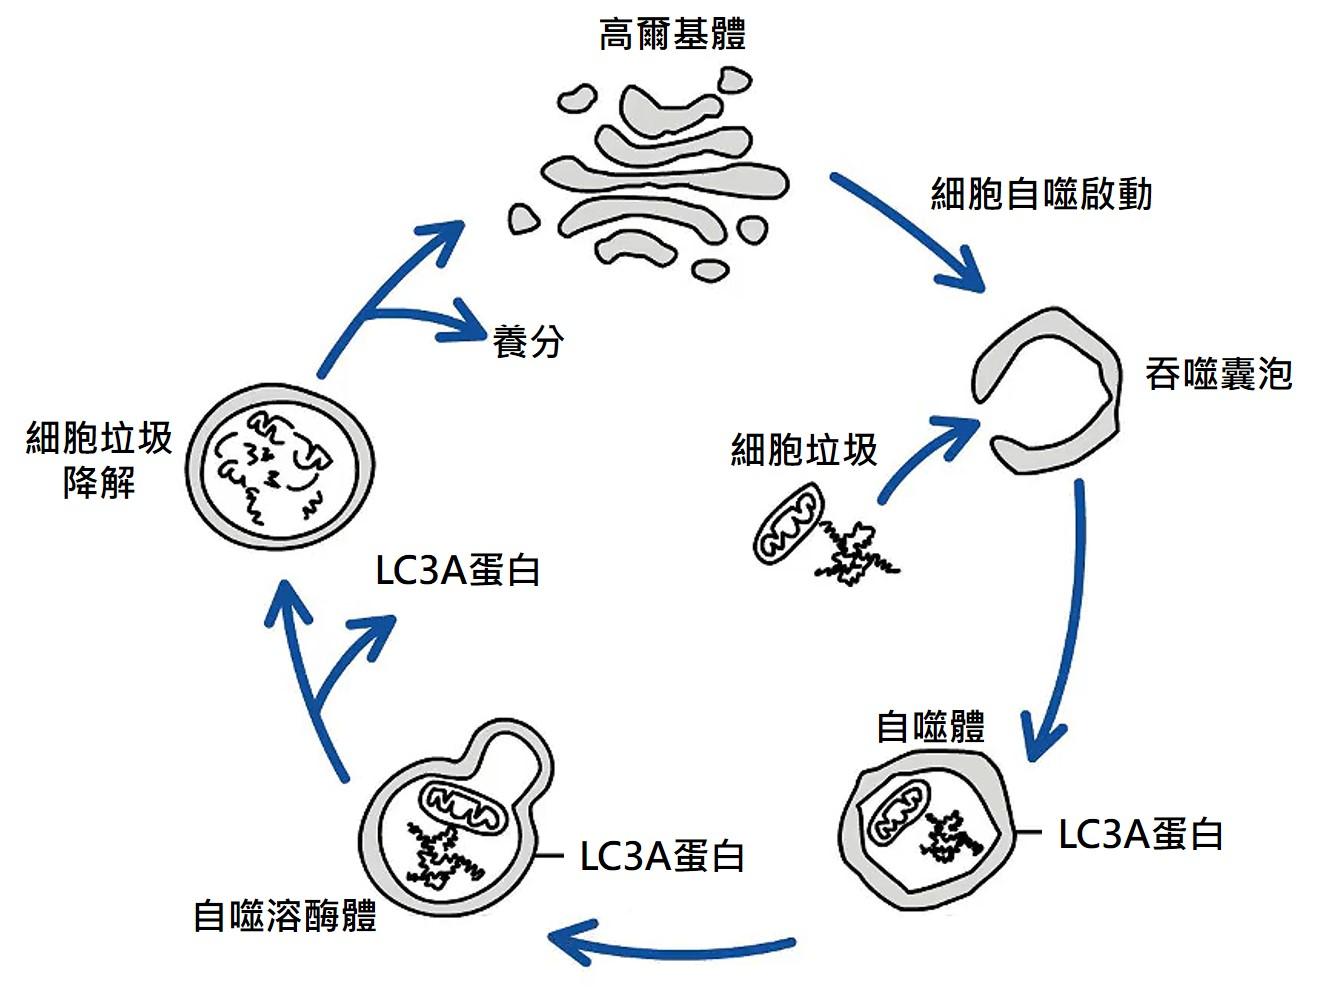 細胞自噬機制